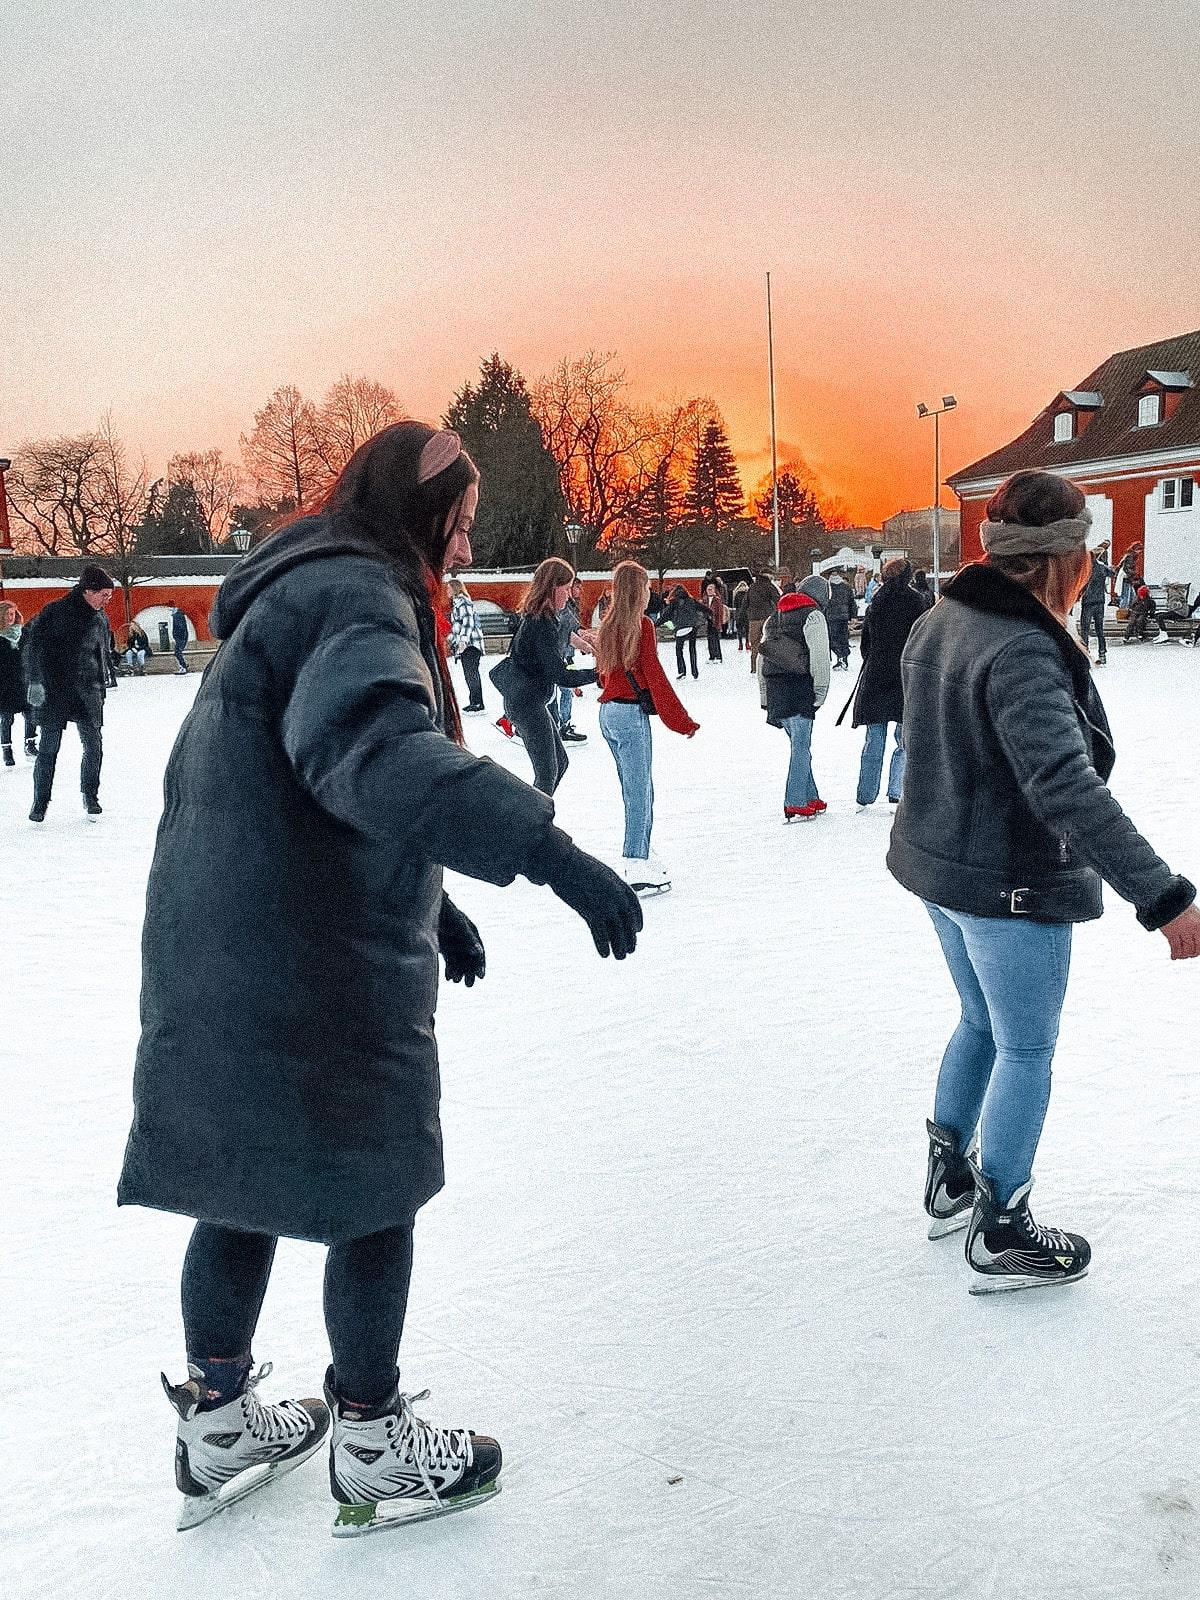 Girl Ice skating at Skøjtebanen